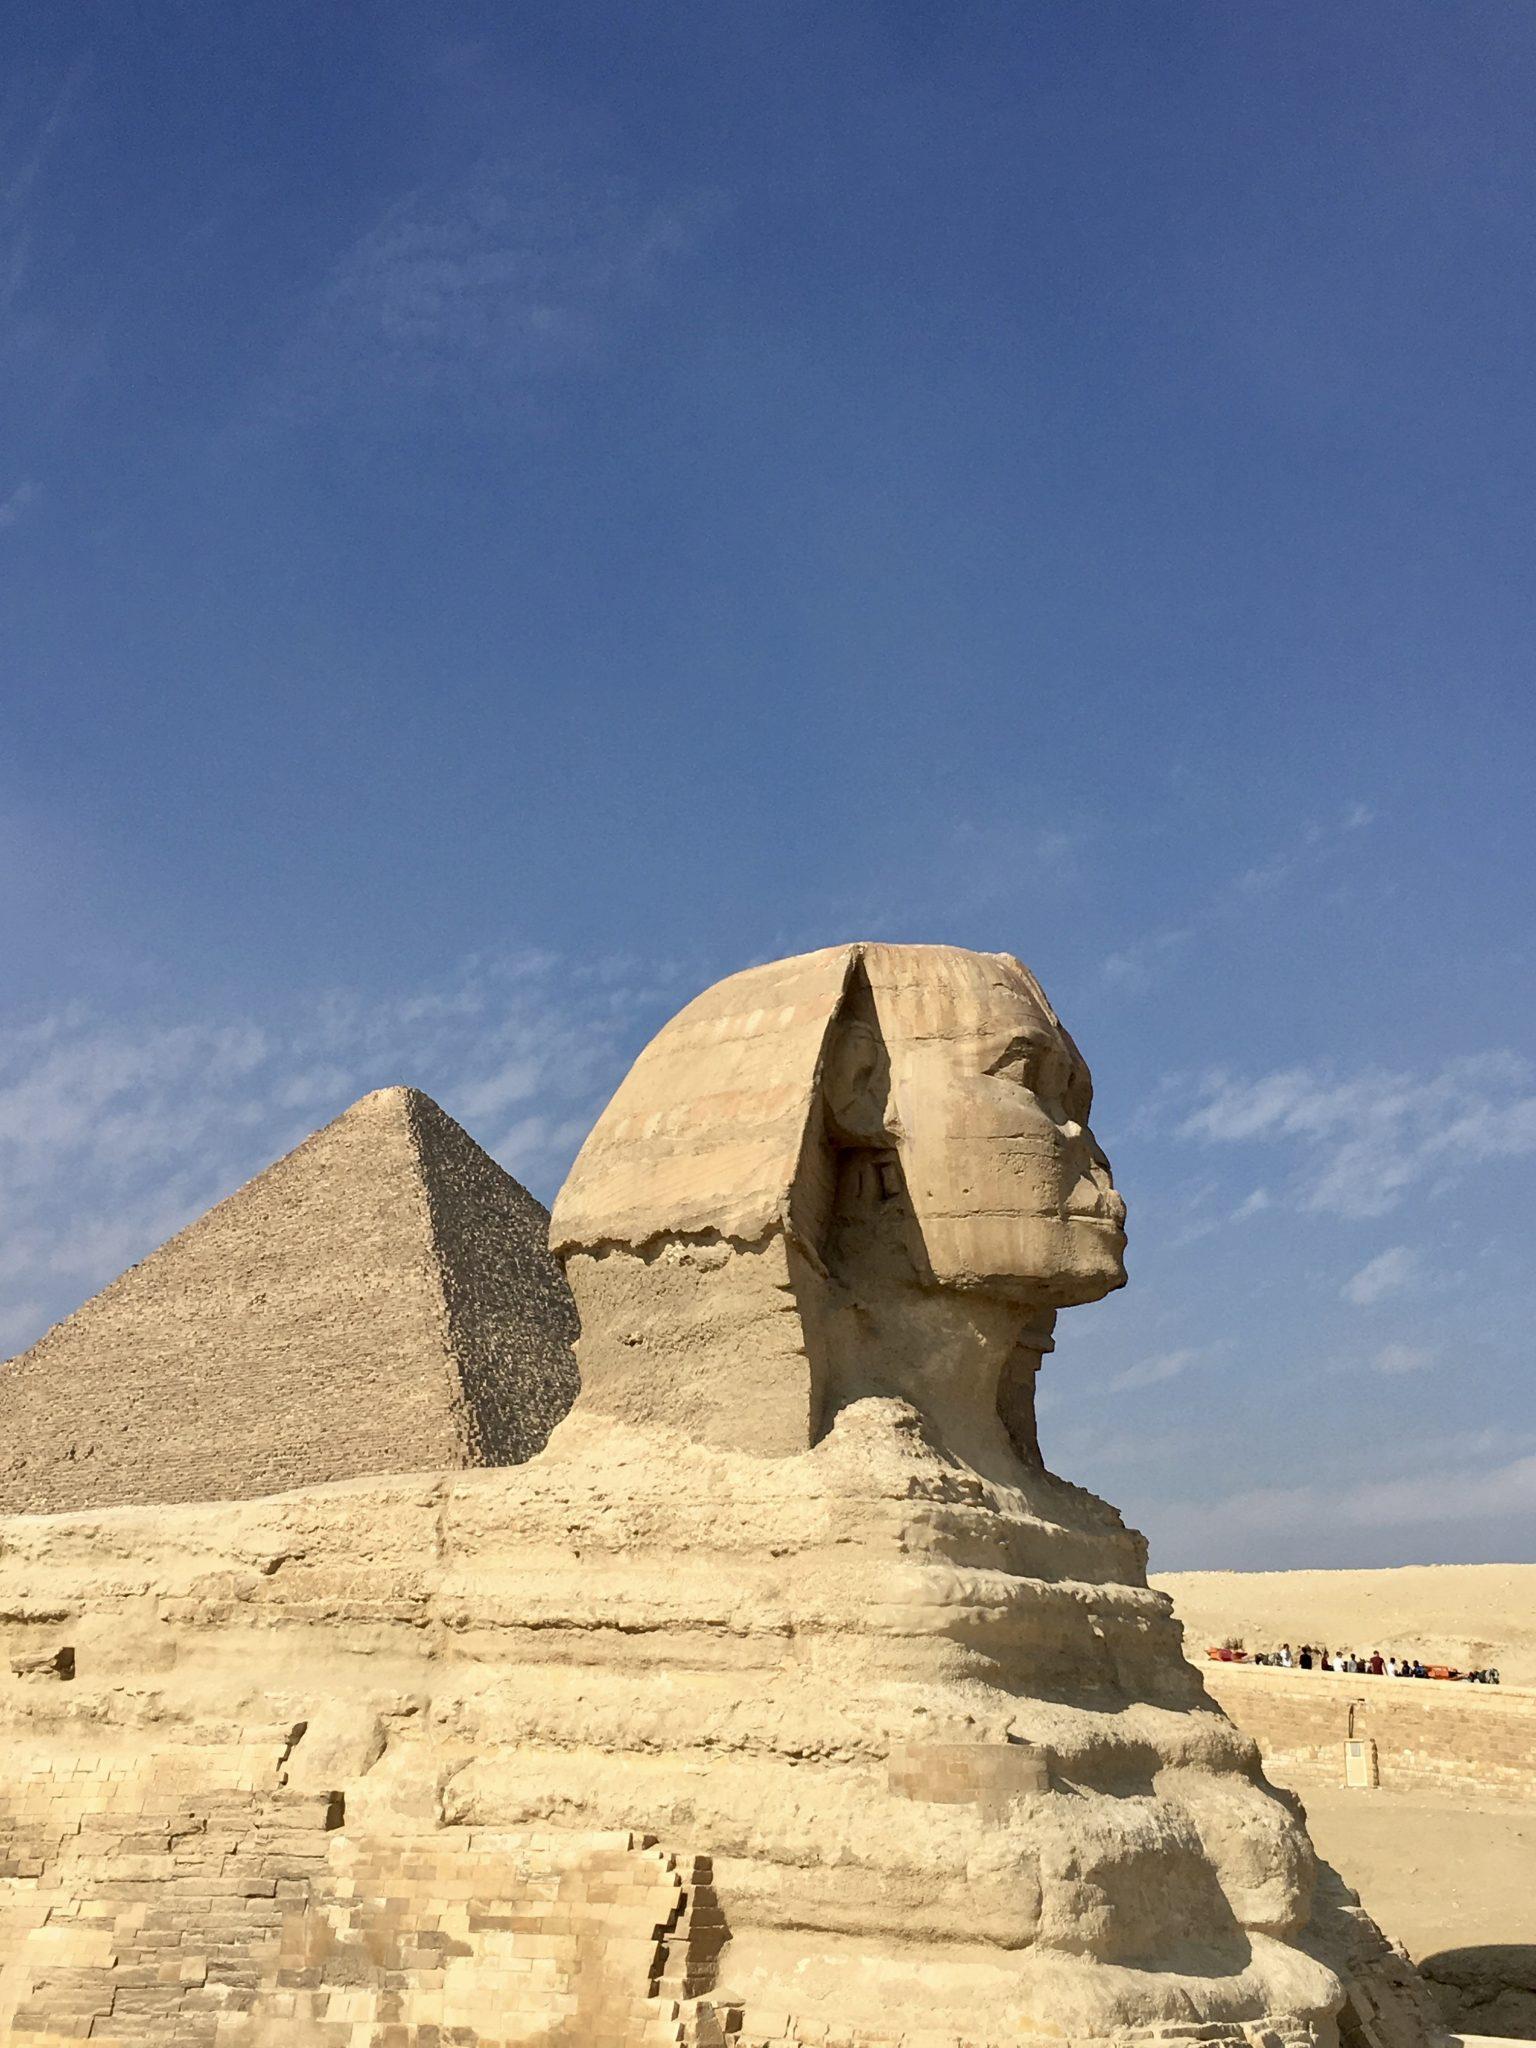 sphinx in cairo, pyramids of giza